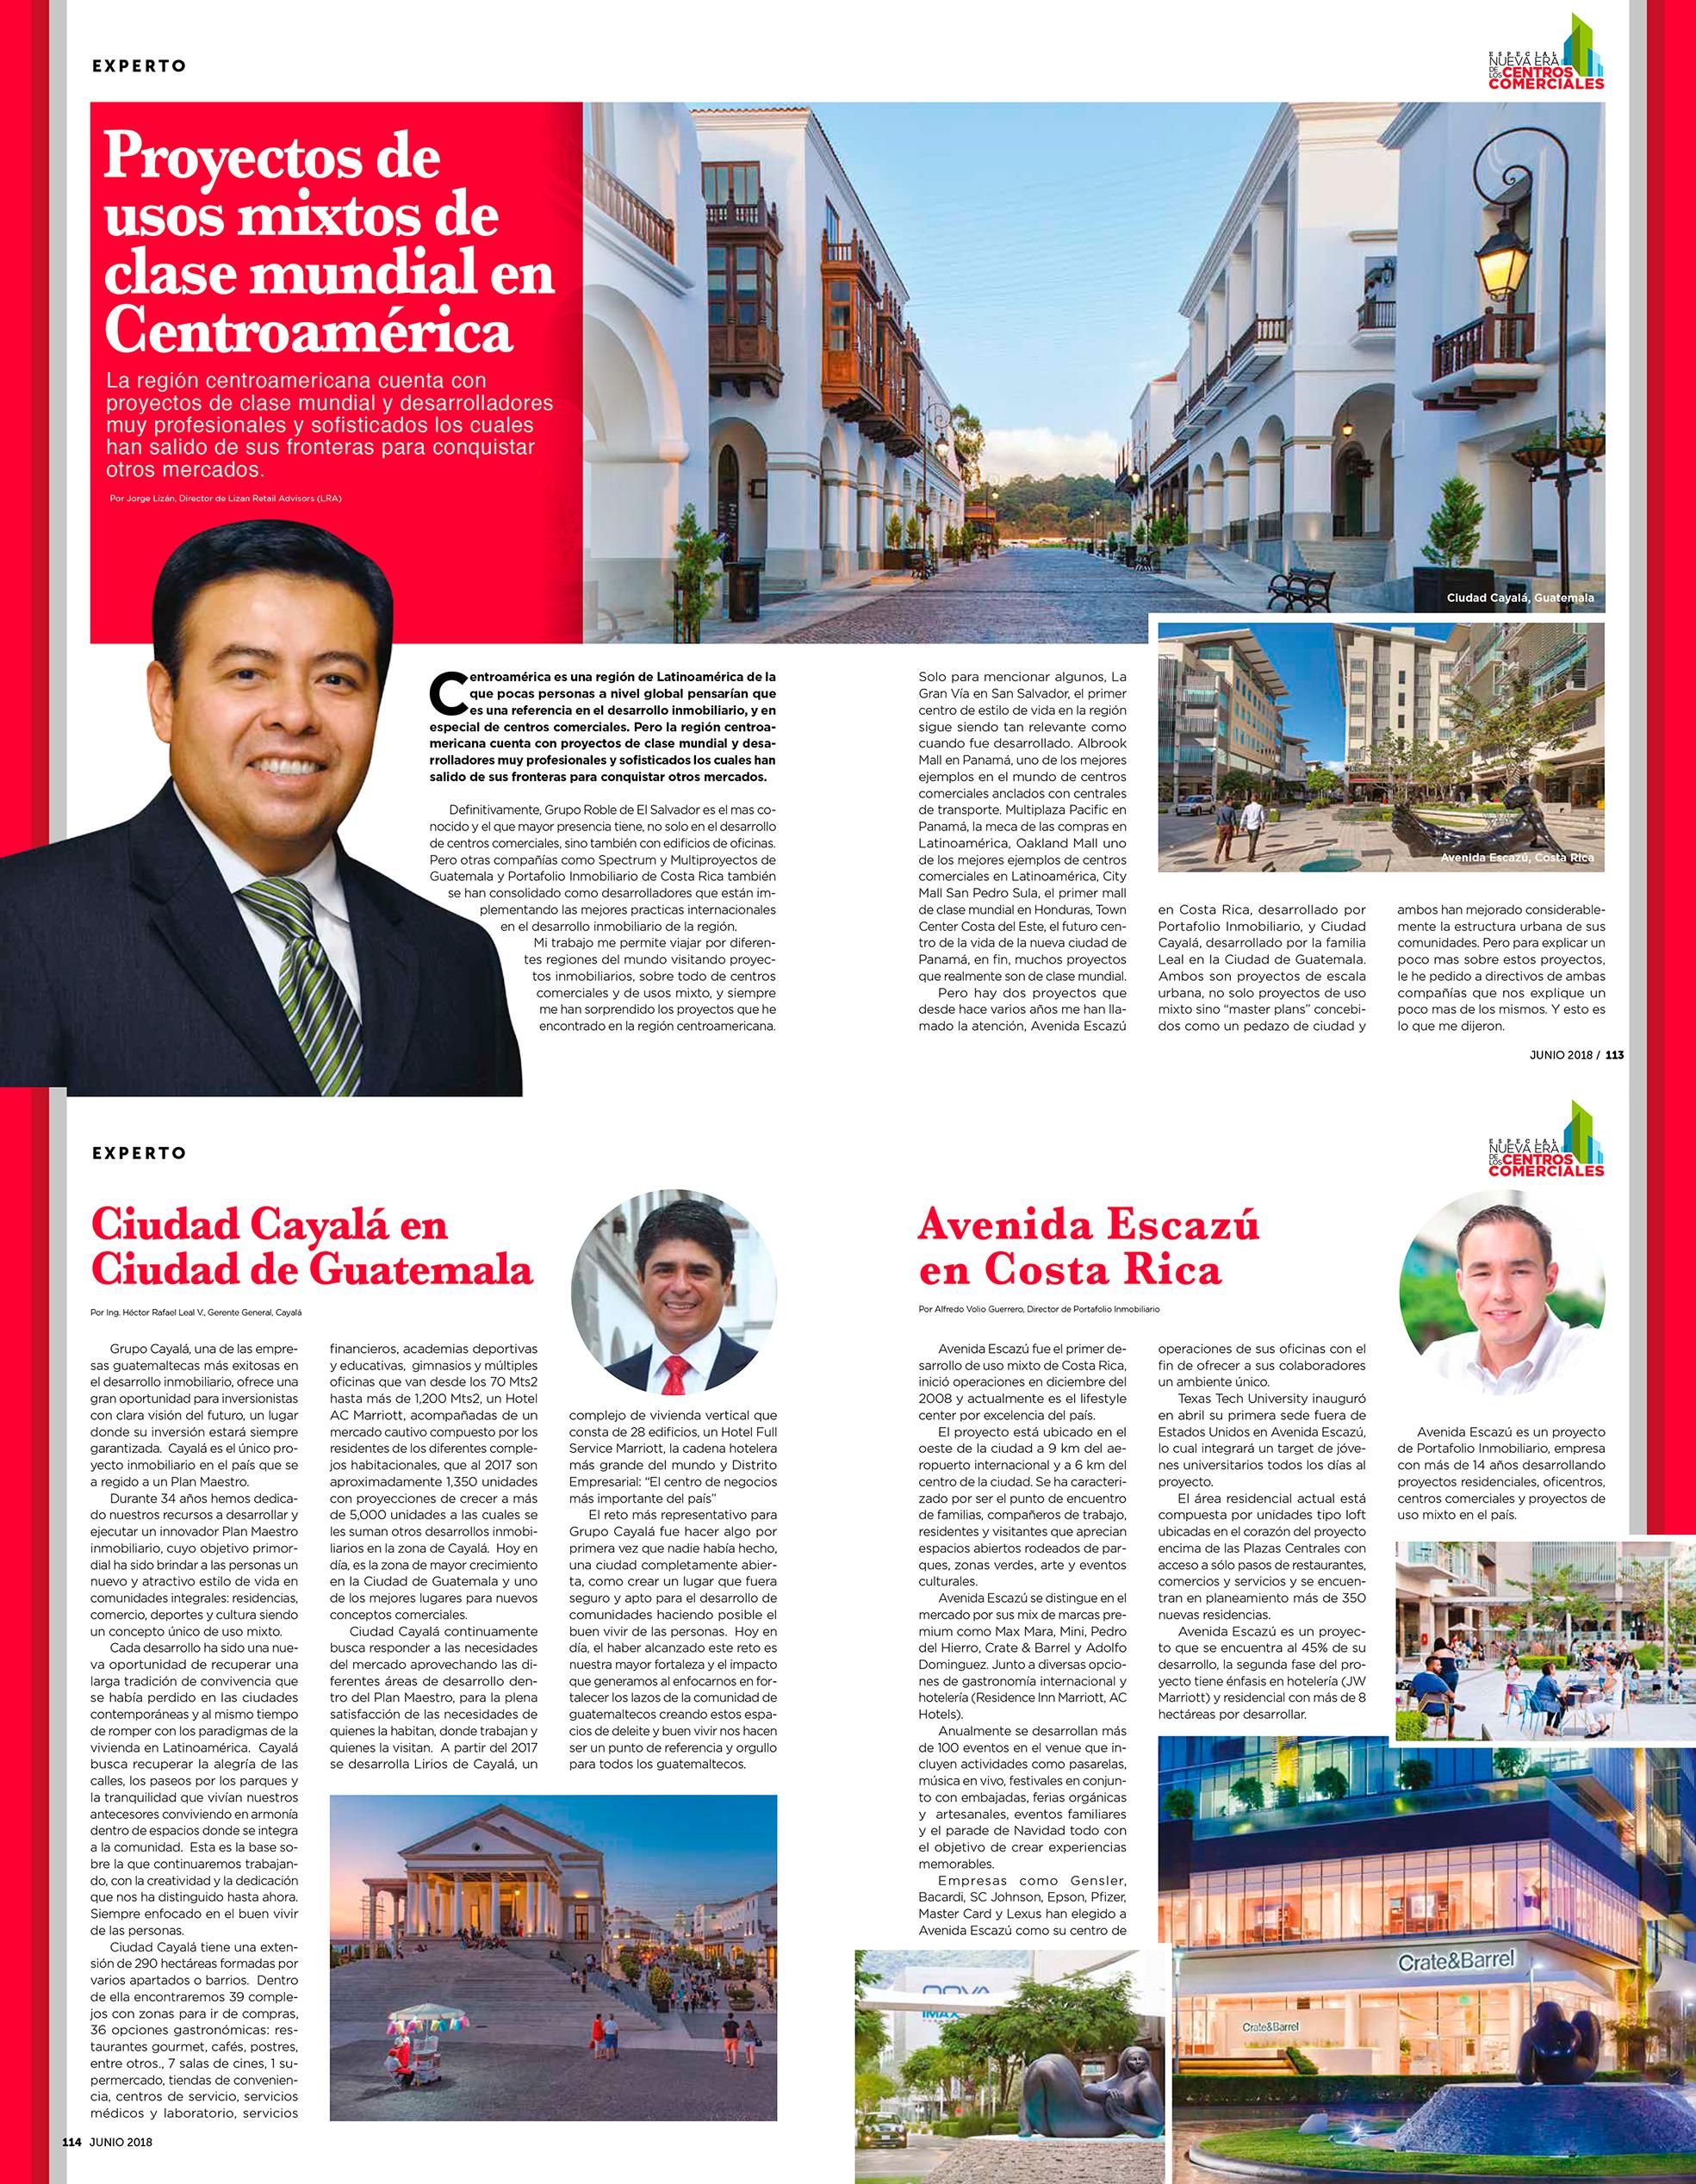 Proyectos usos mixtos de clase mundial en Centroamérica